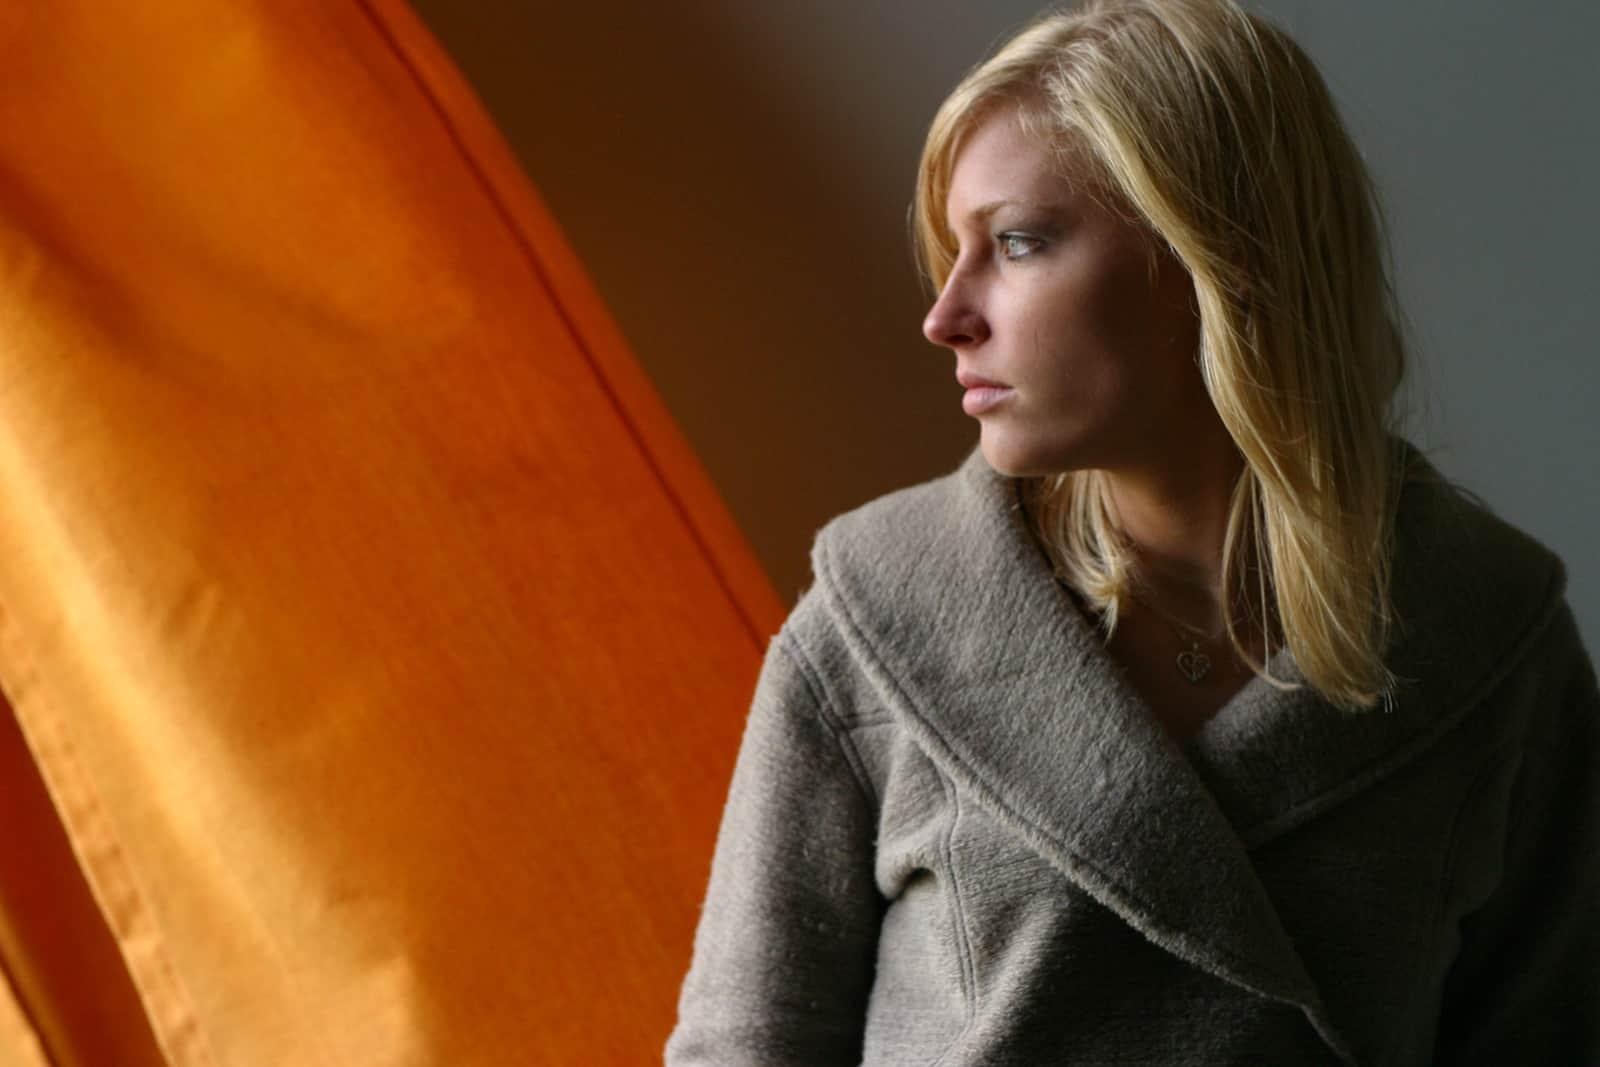 Raus Aus Der Depression: Finde Dein Licht Am Ende Des Tunnels!